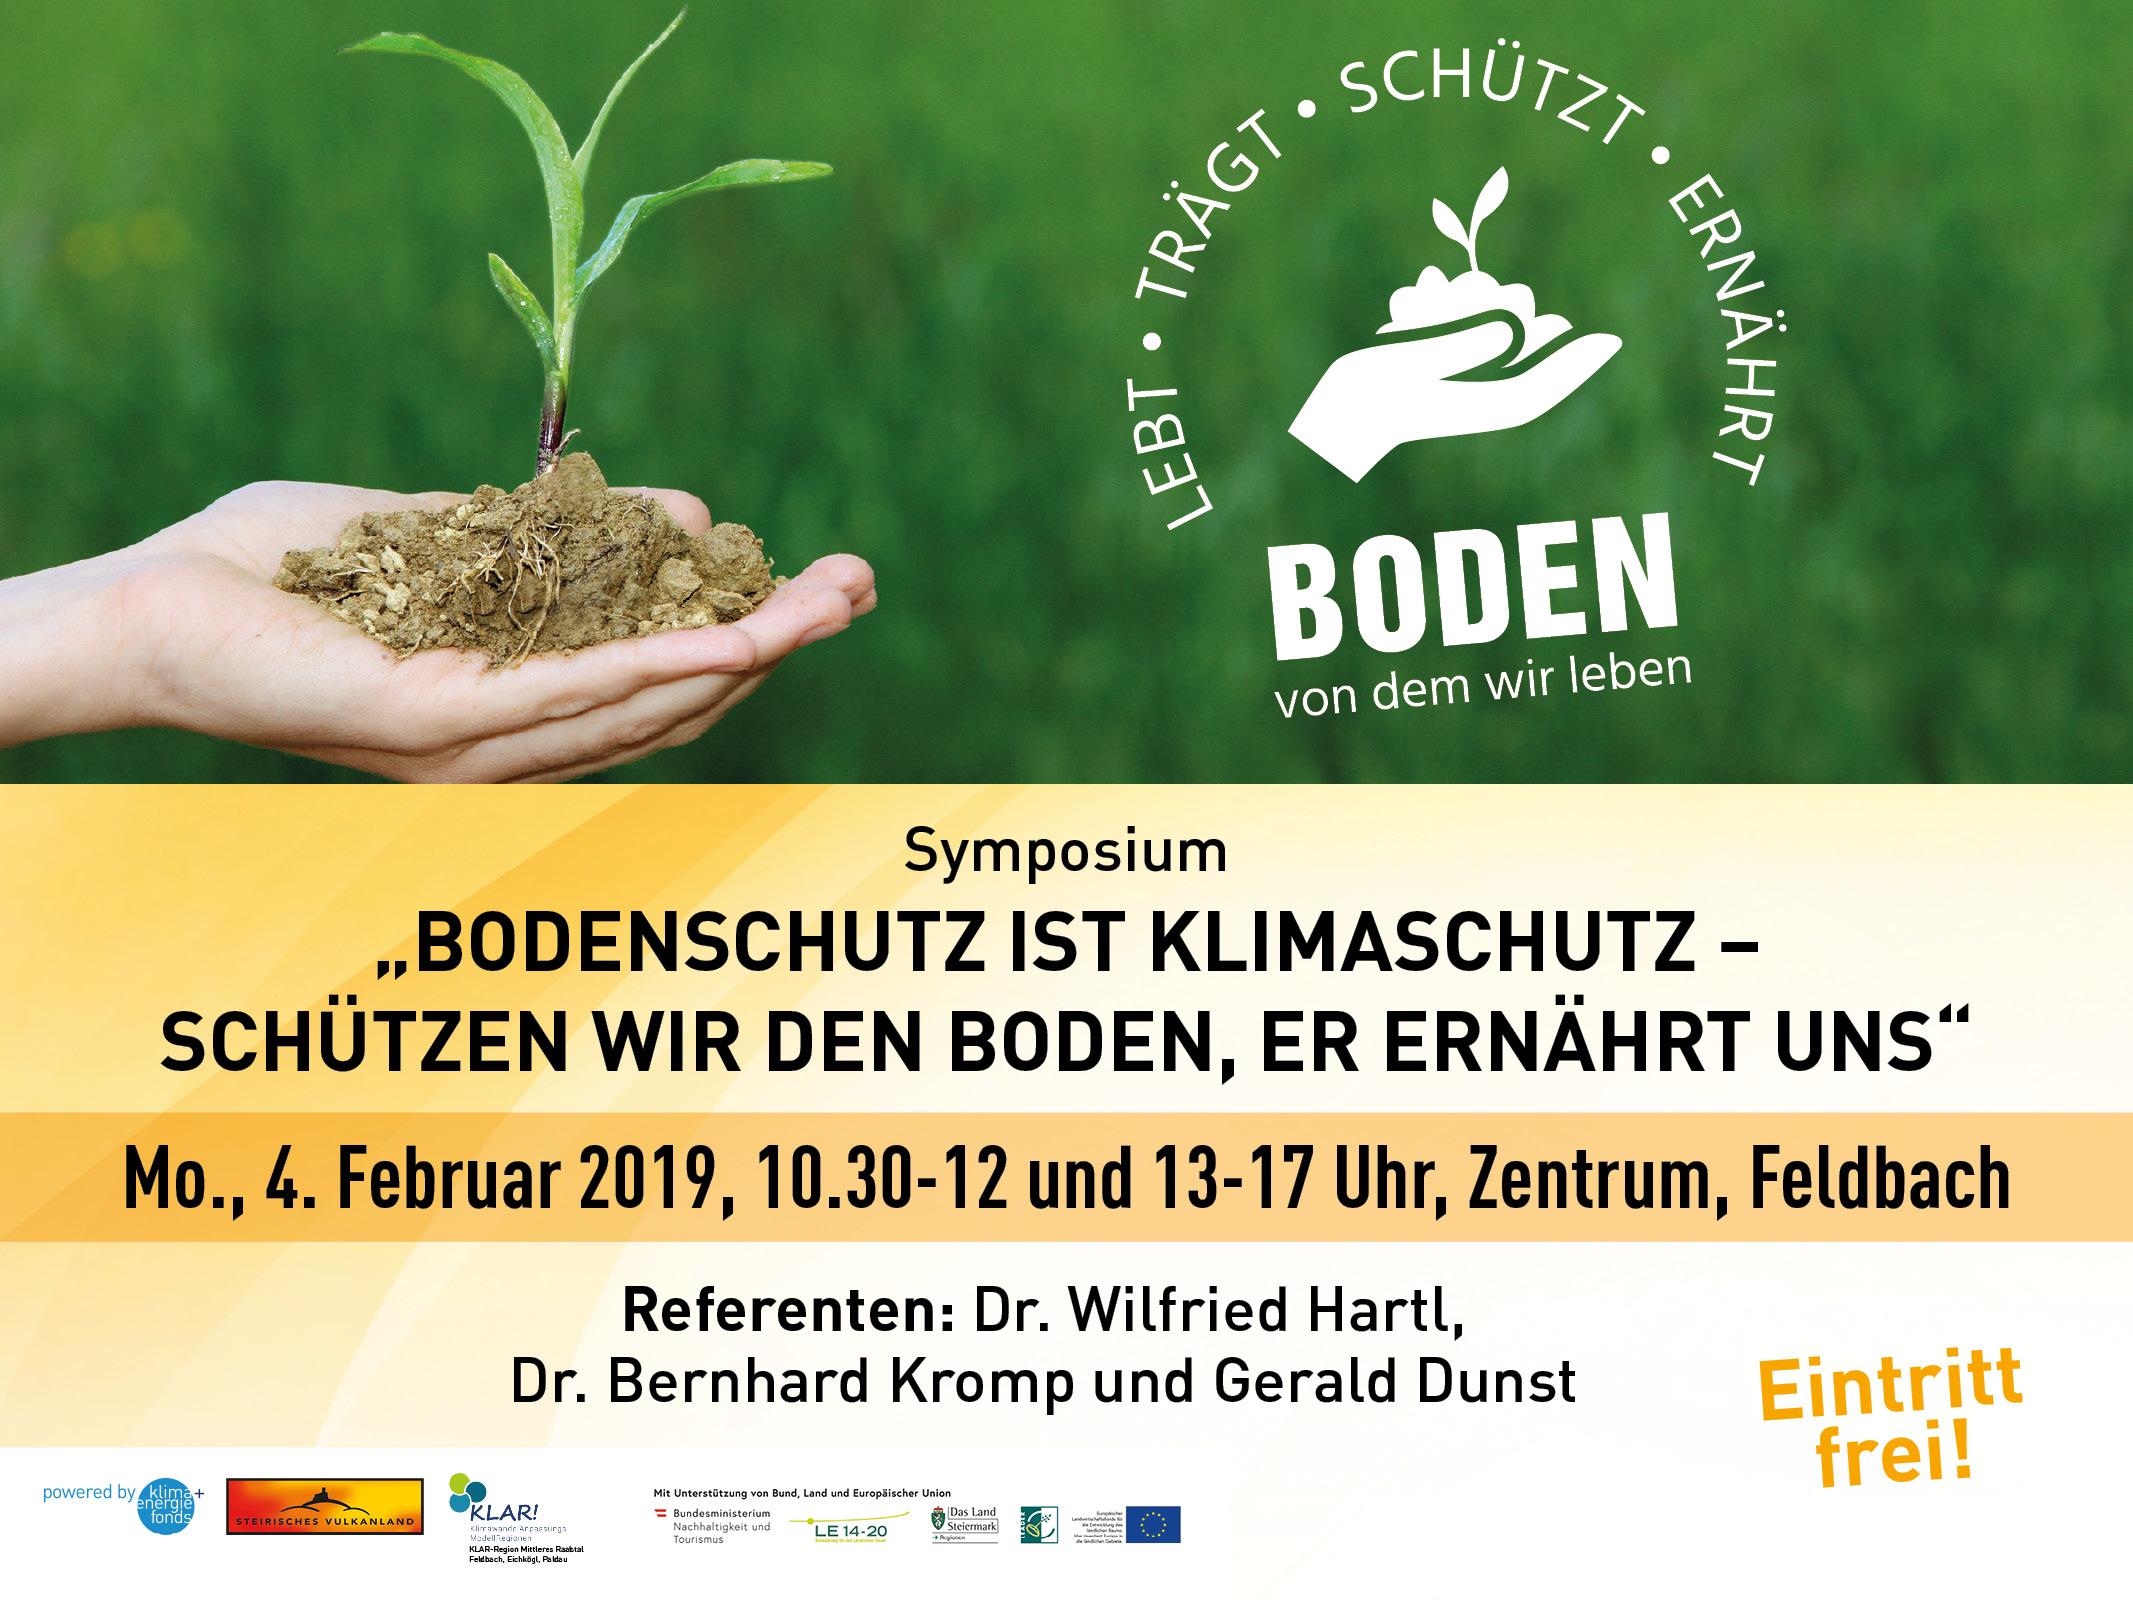 Bodenschutz ist Klimaschutz, 4. Februar 2019, Zentrum Feldbach